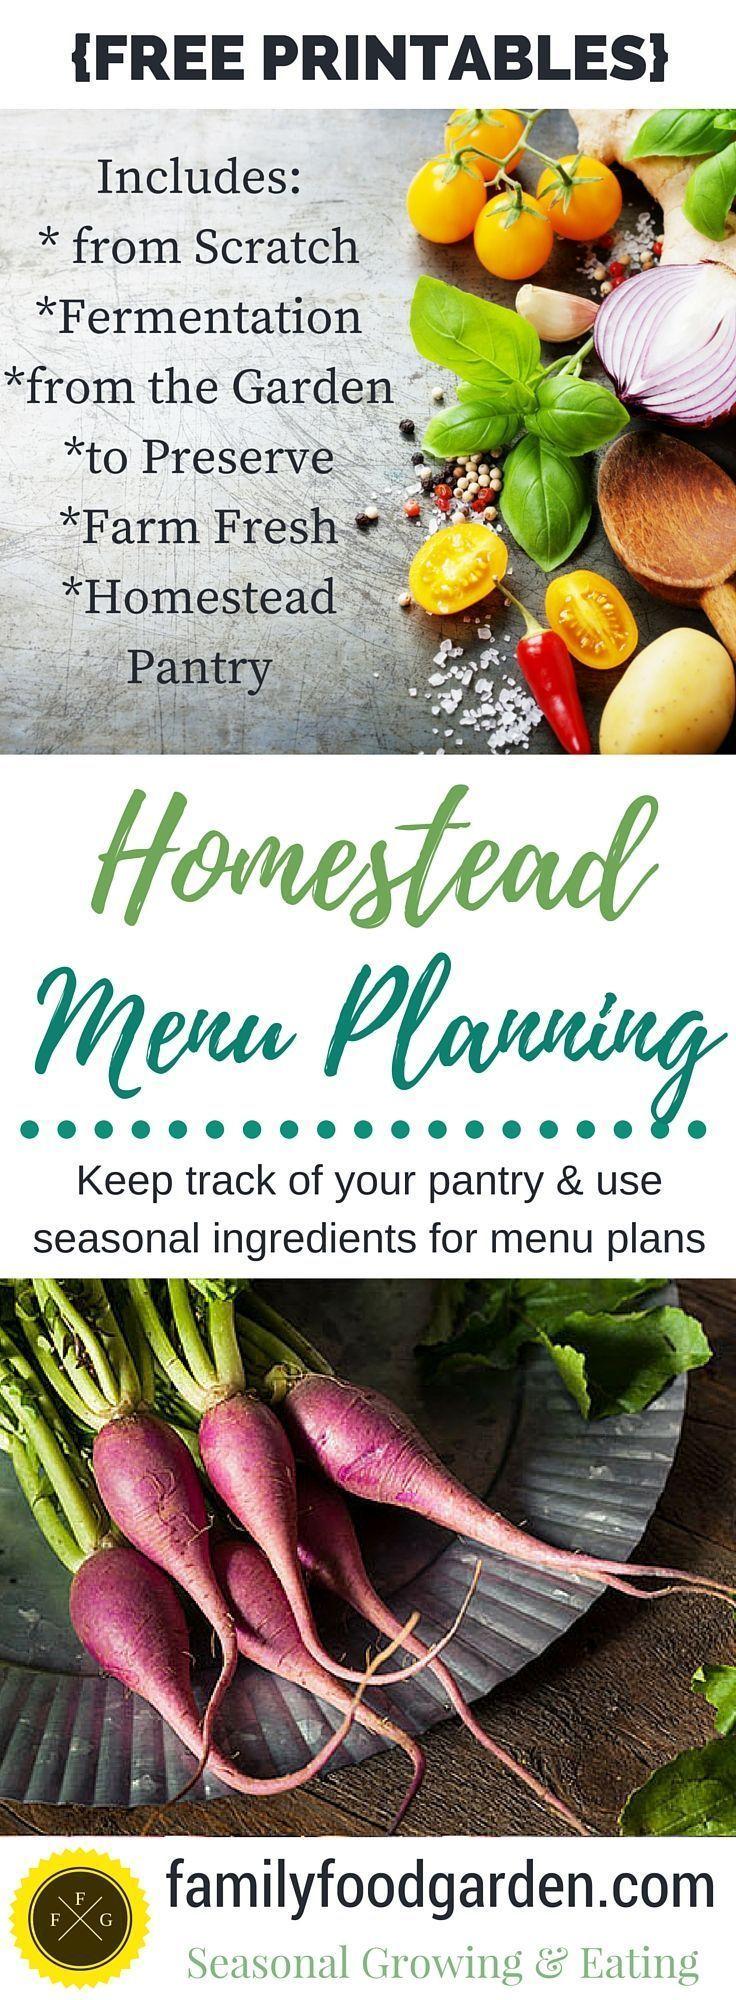 Seasonal Menu Planning {FREE PRINTABLES} for Homesteaders